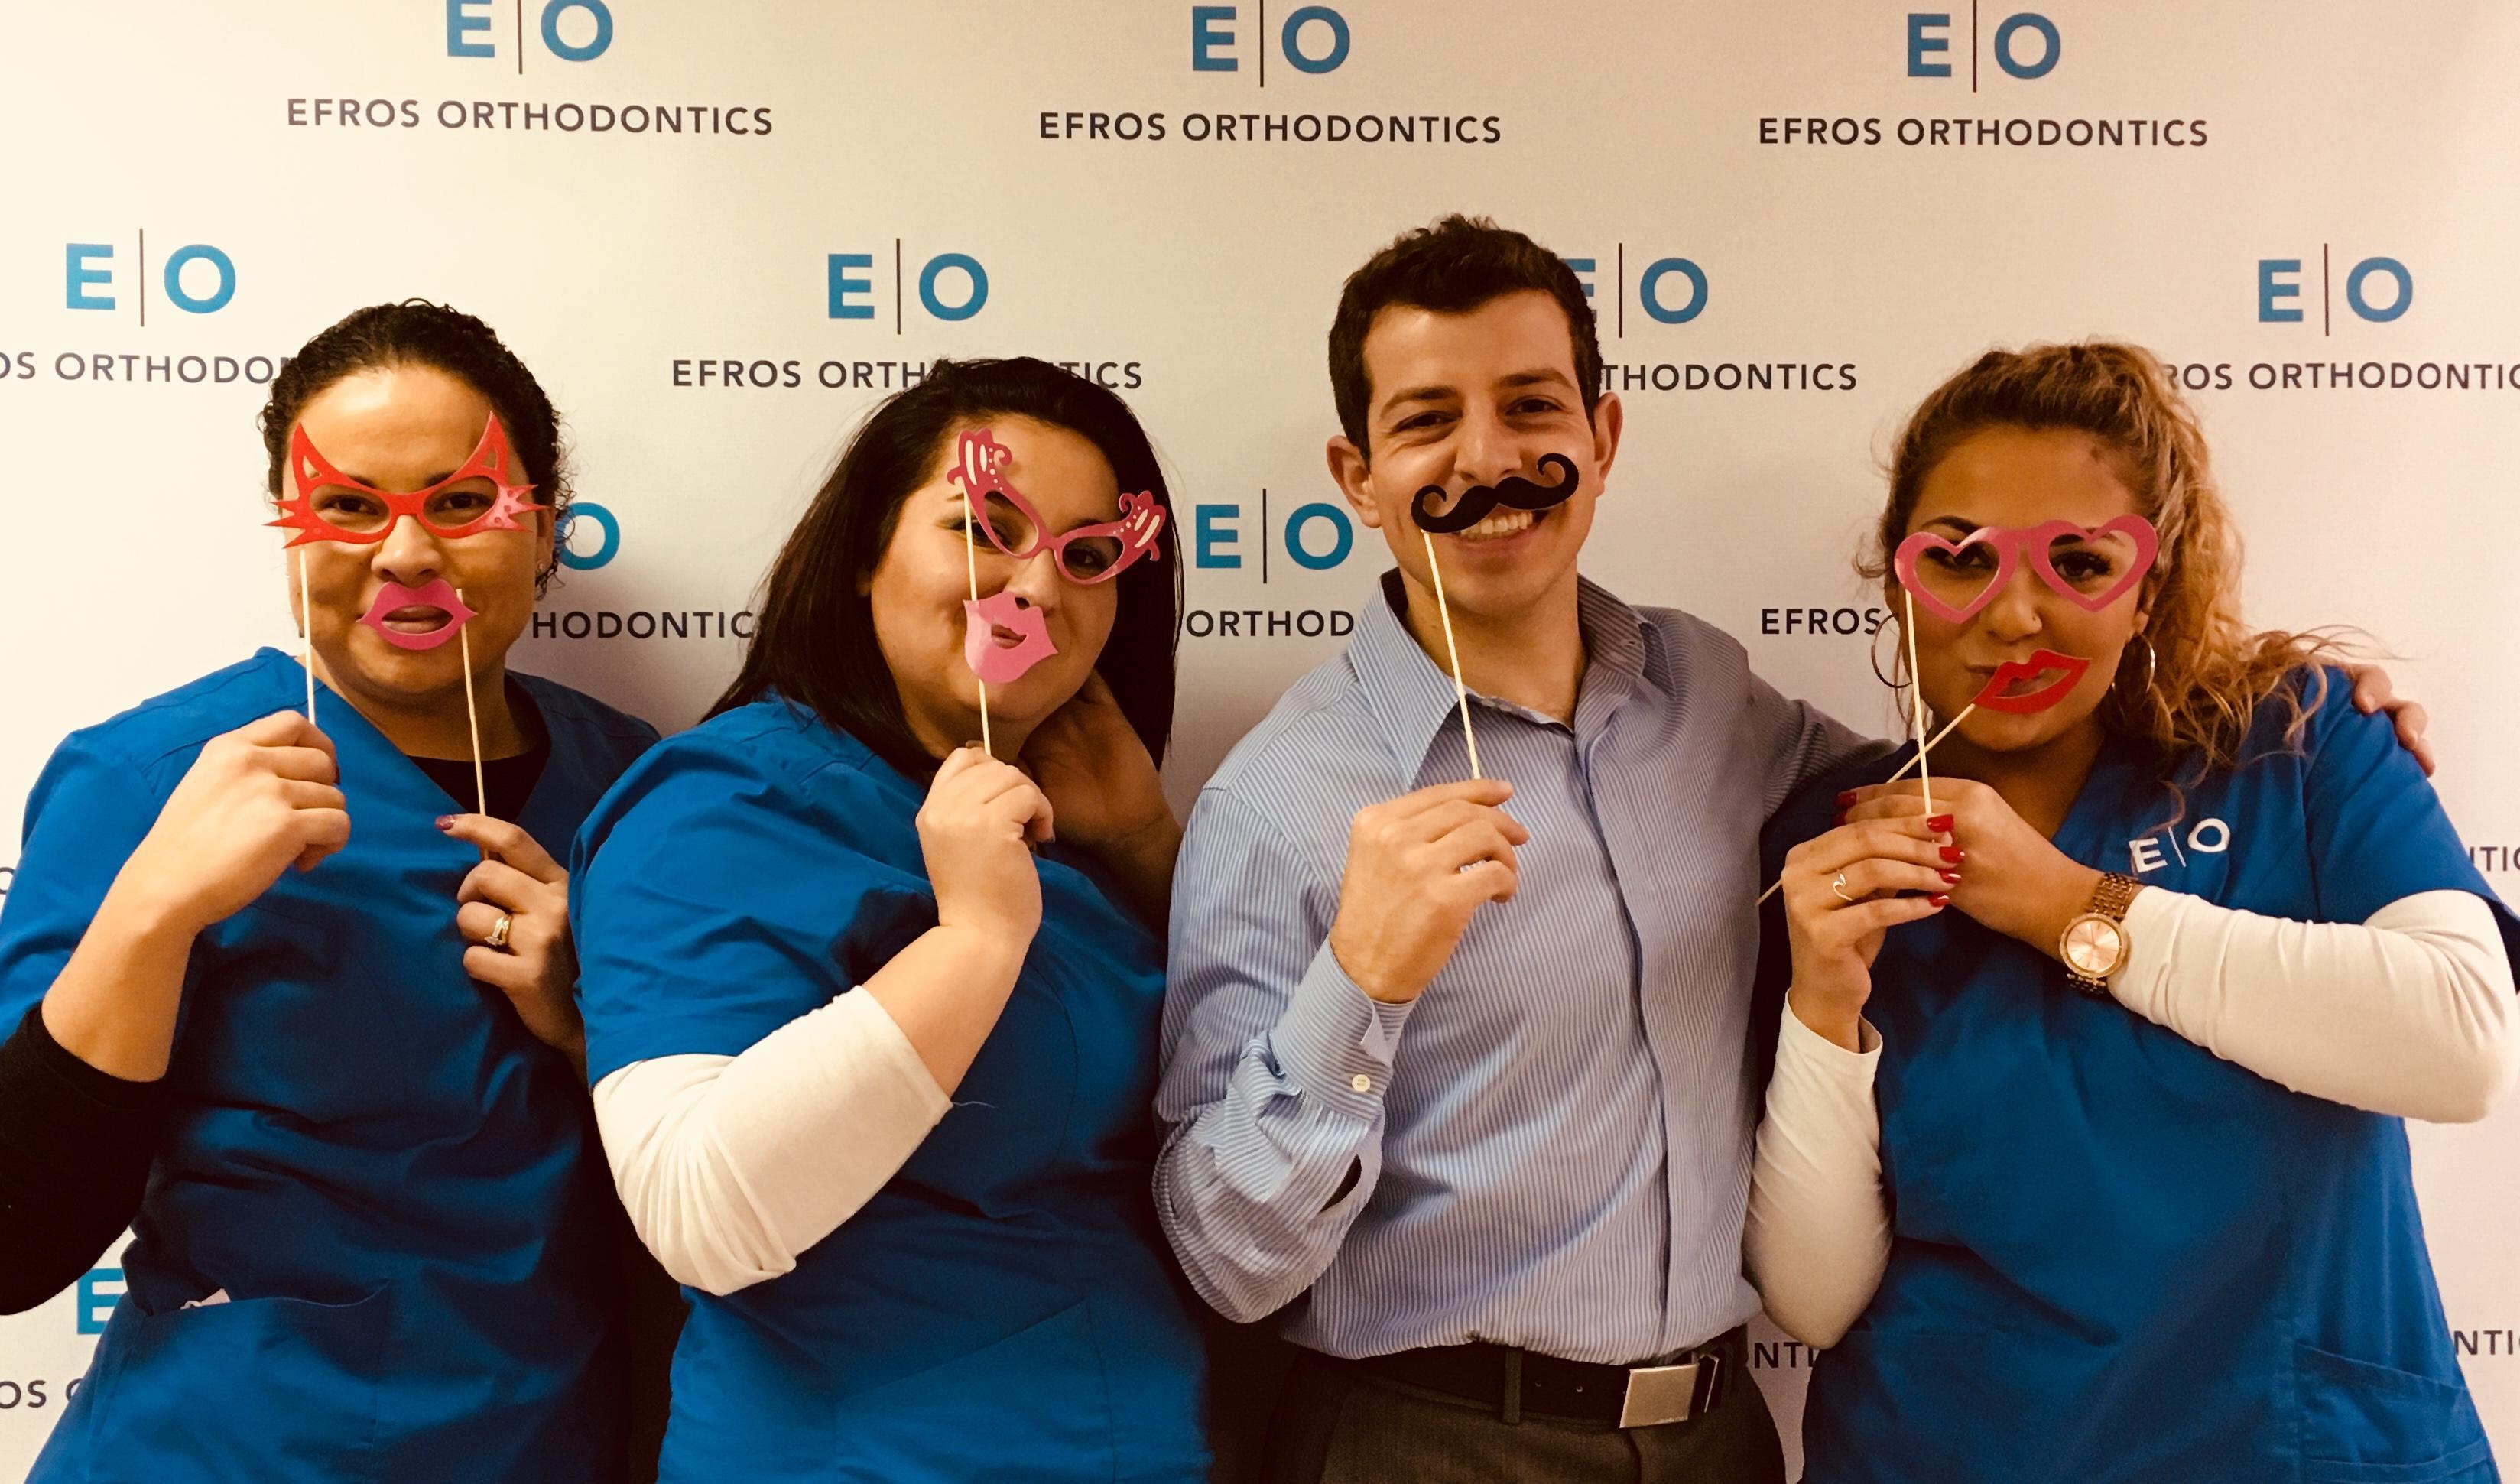 Efros Orthodontics image 5